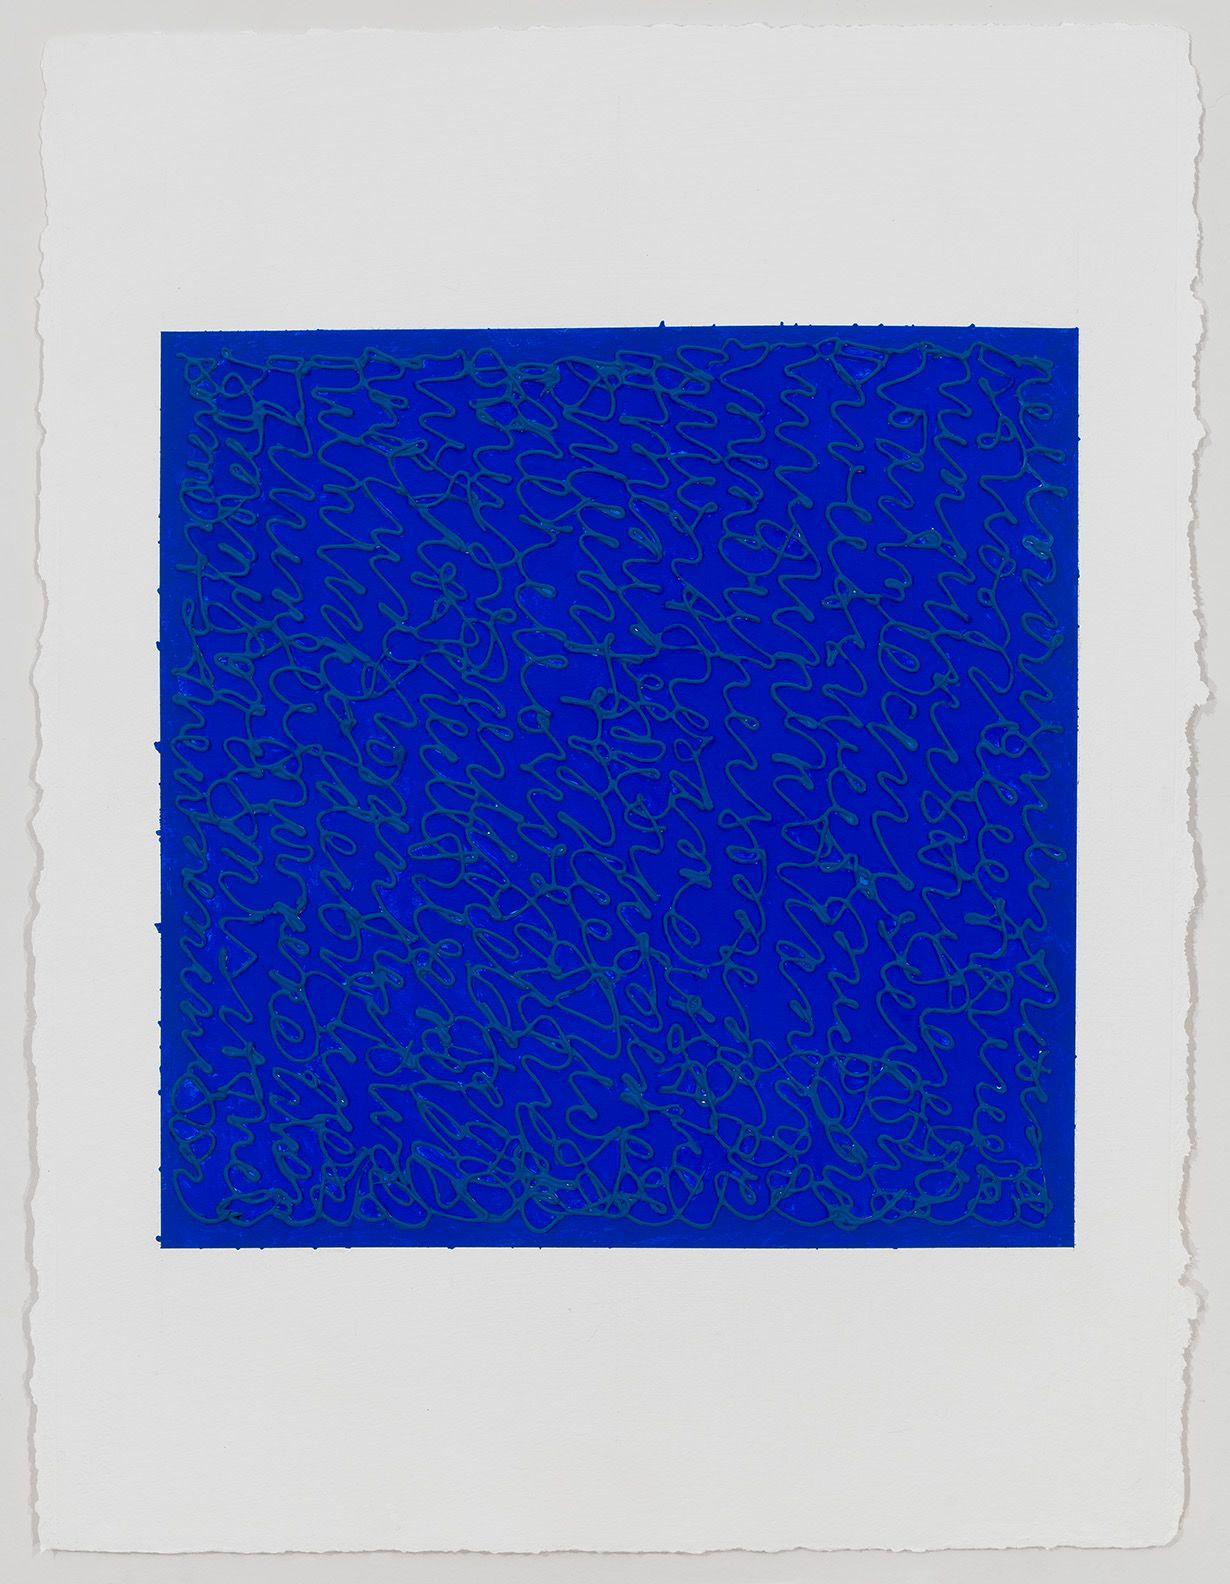 Louise P. Sloane, UltraBlue, 2019